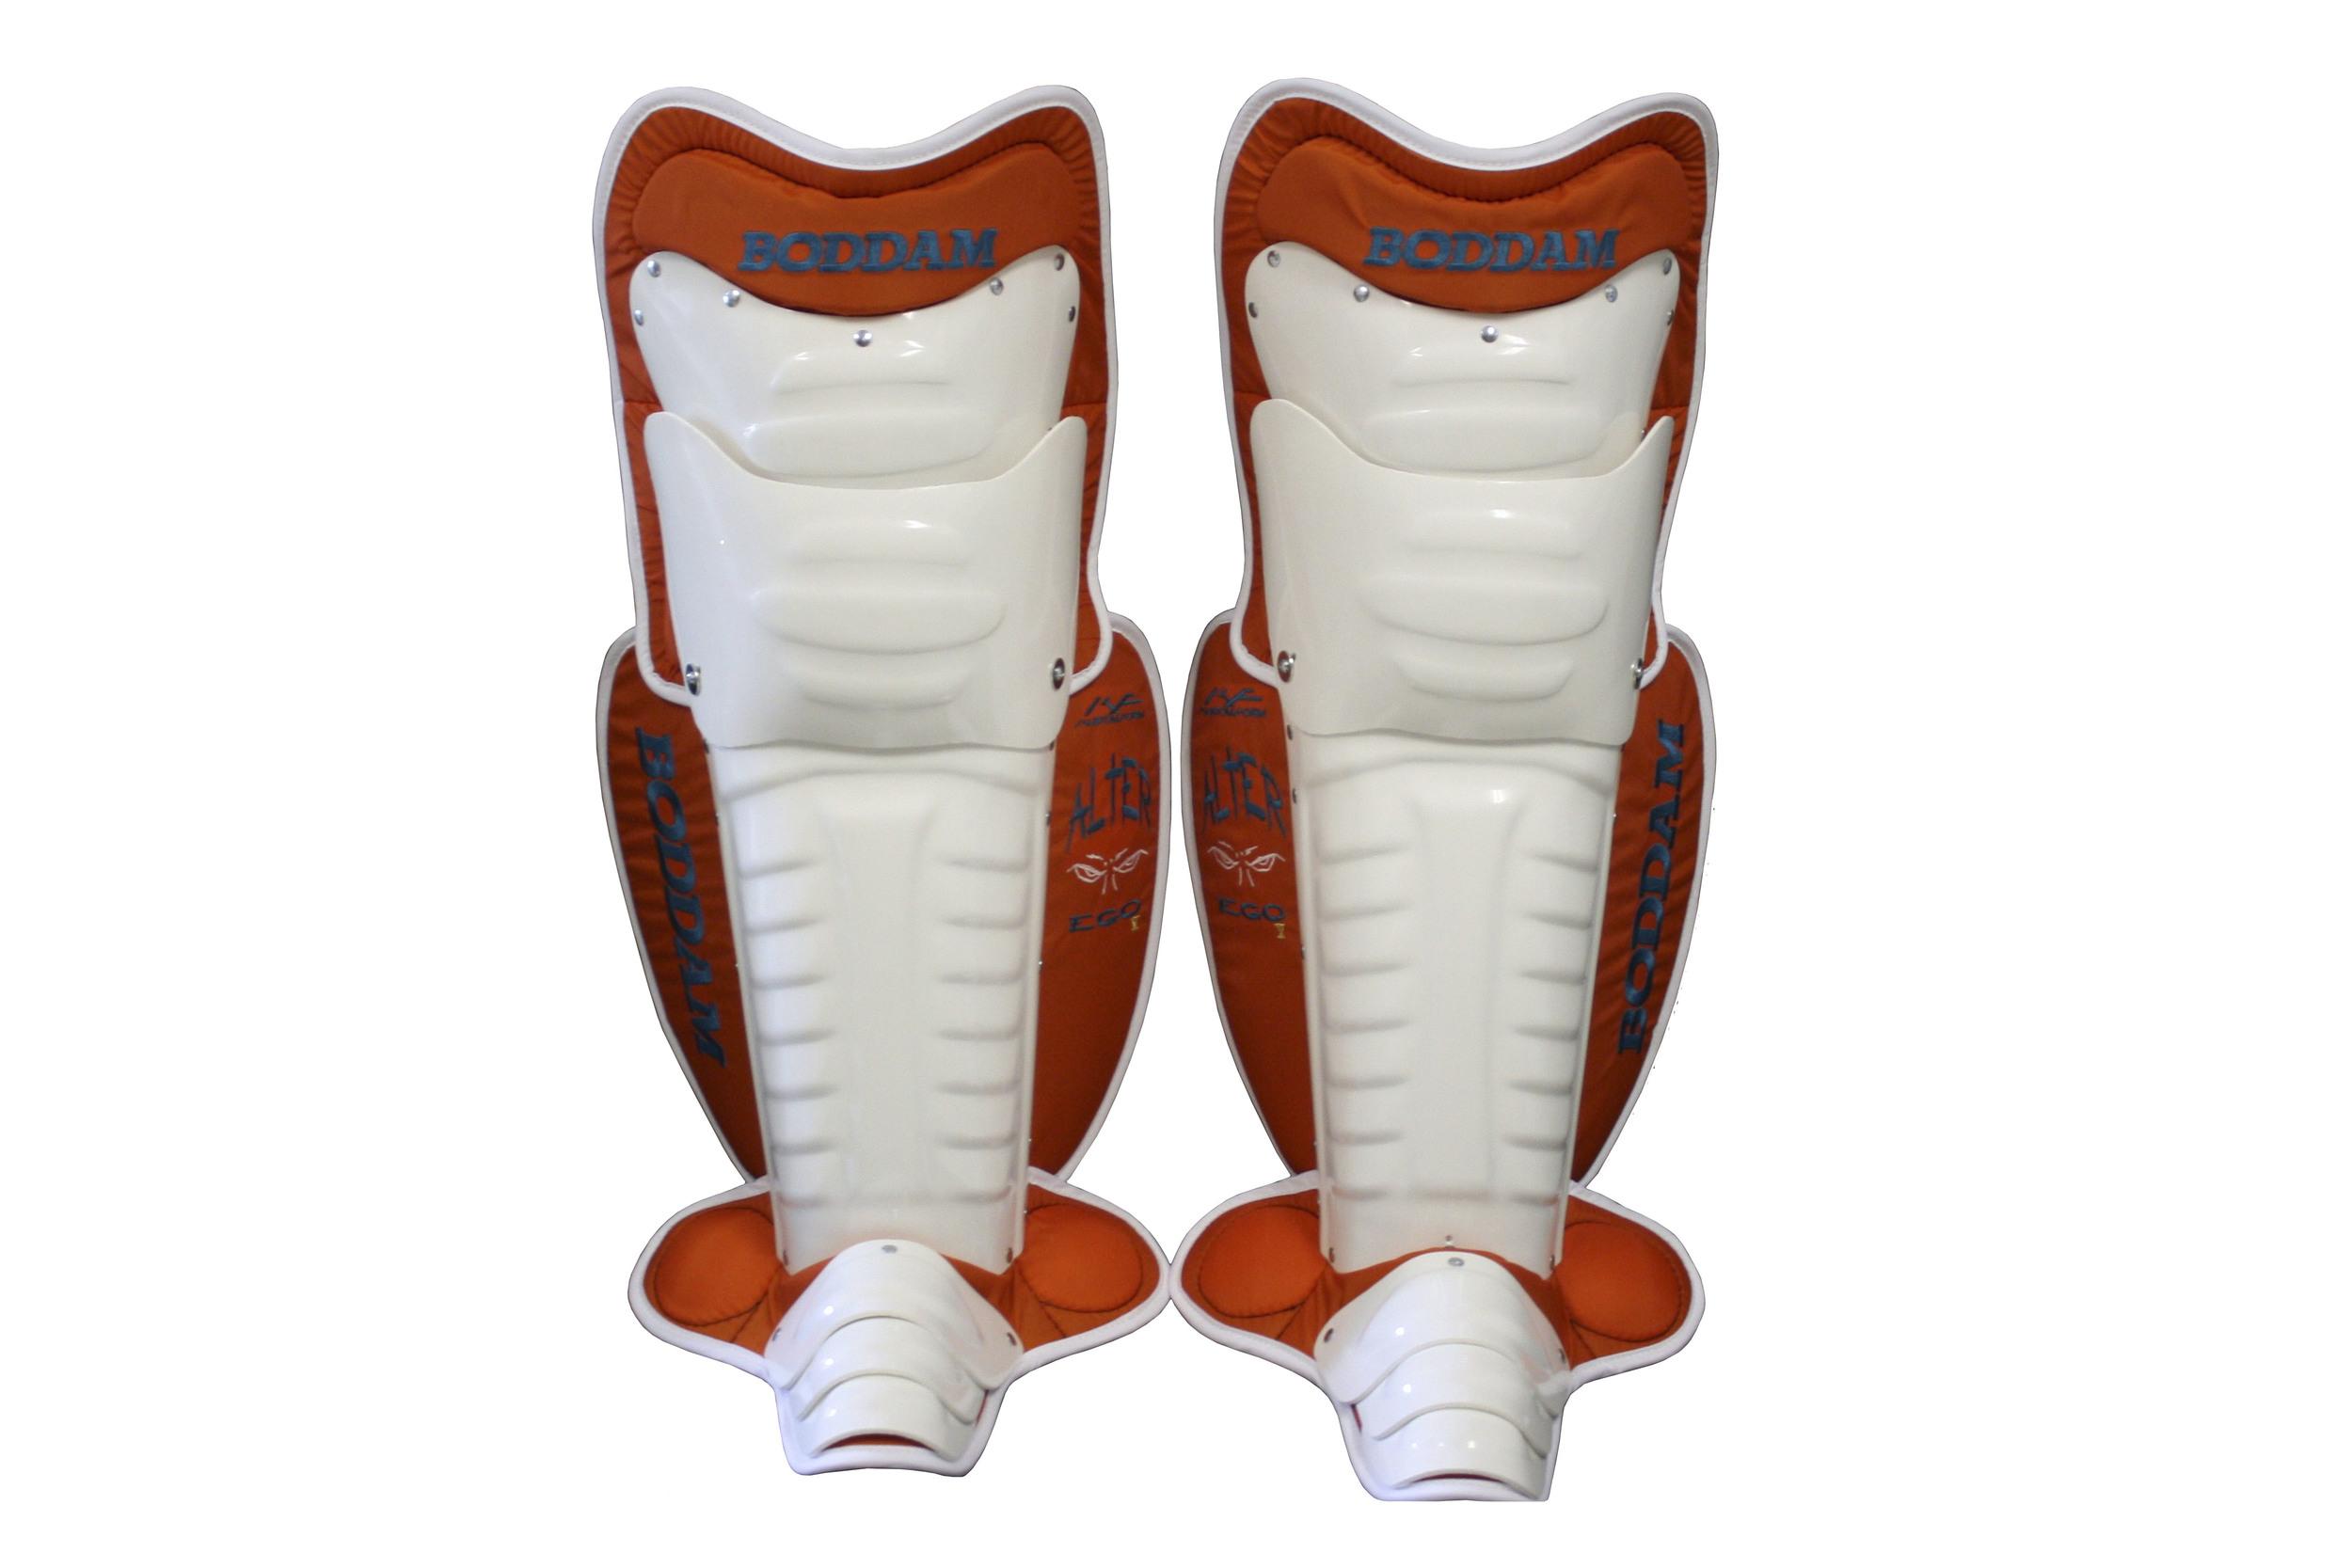 Boddam Lacrosse Legs